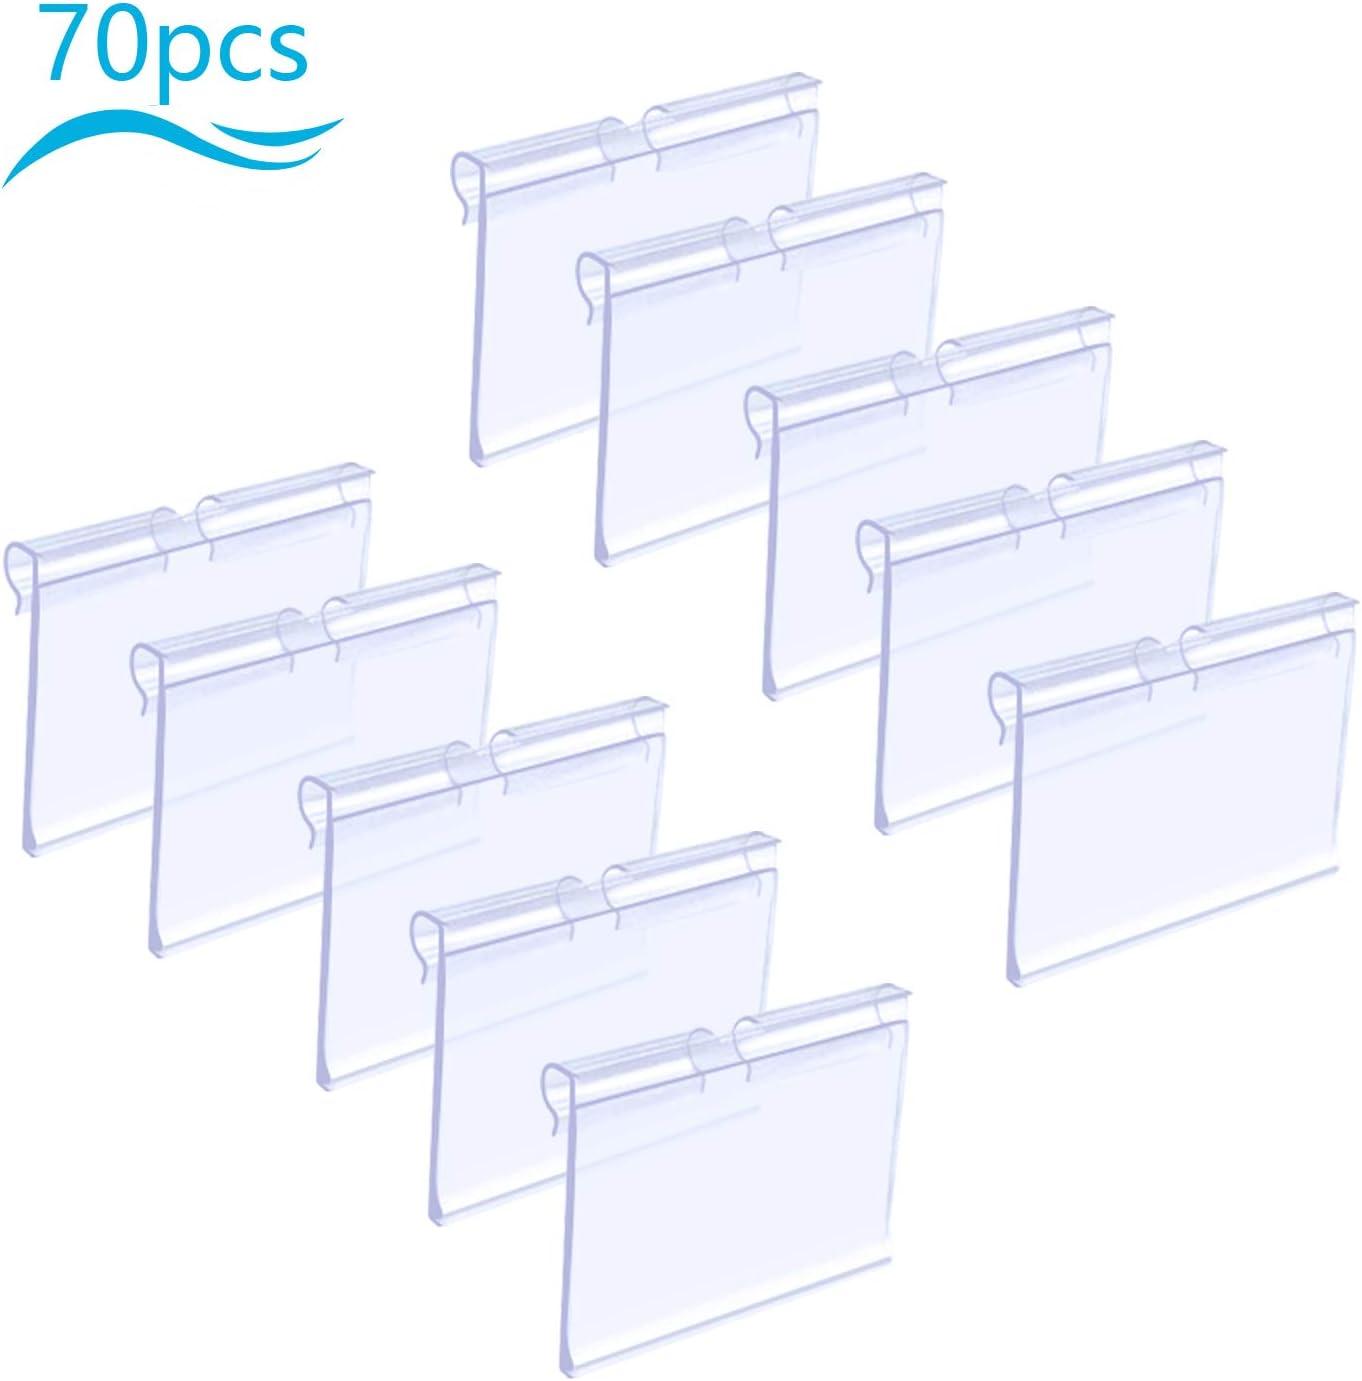 Matogle 70 pcs Porta Precios Transparente Soportes de Etiqueta de Precio Claro para Exhibición Titular para Tarjeta de Nombre Colgar en Estante de Alambre para Tiendas Mercería Oficina